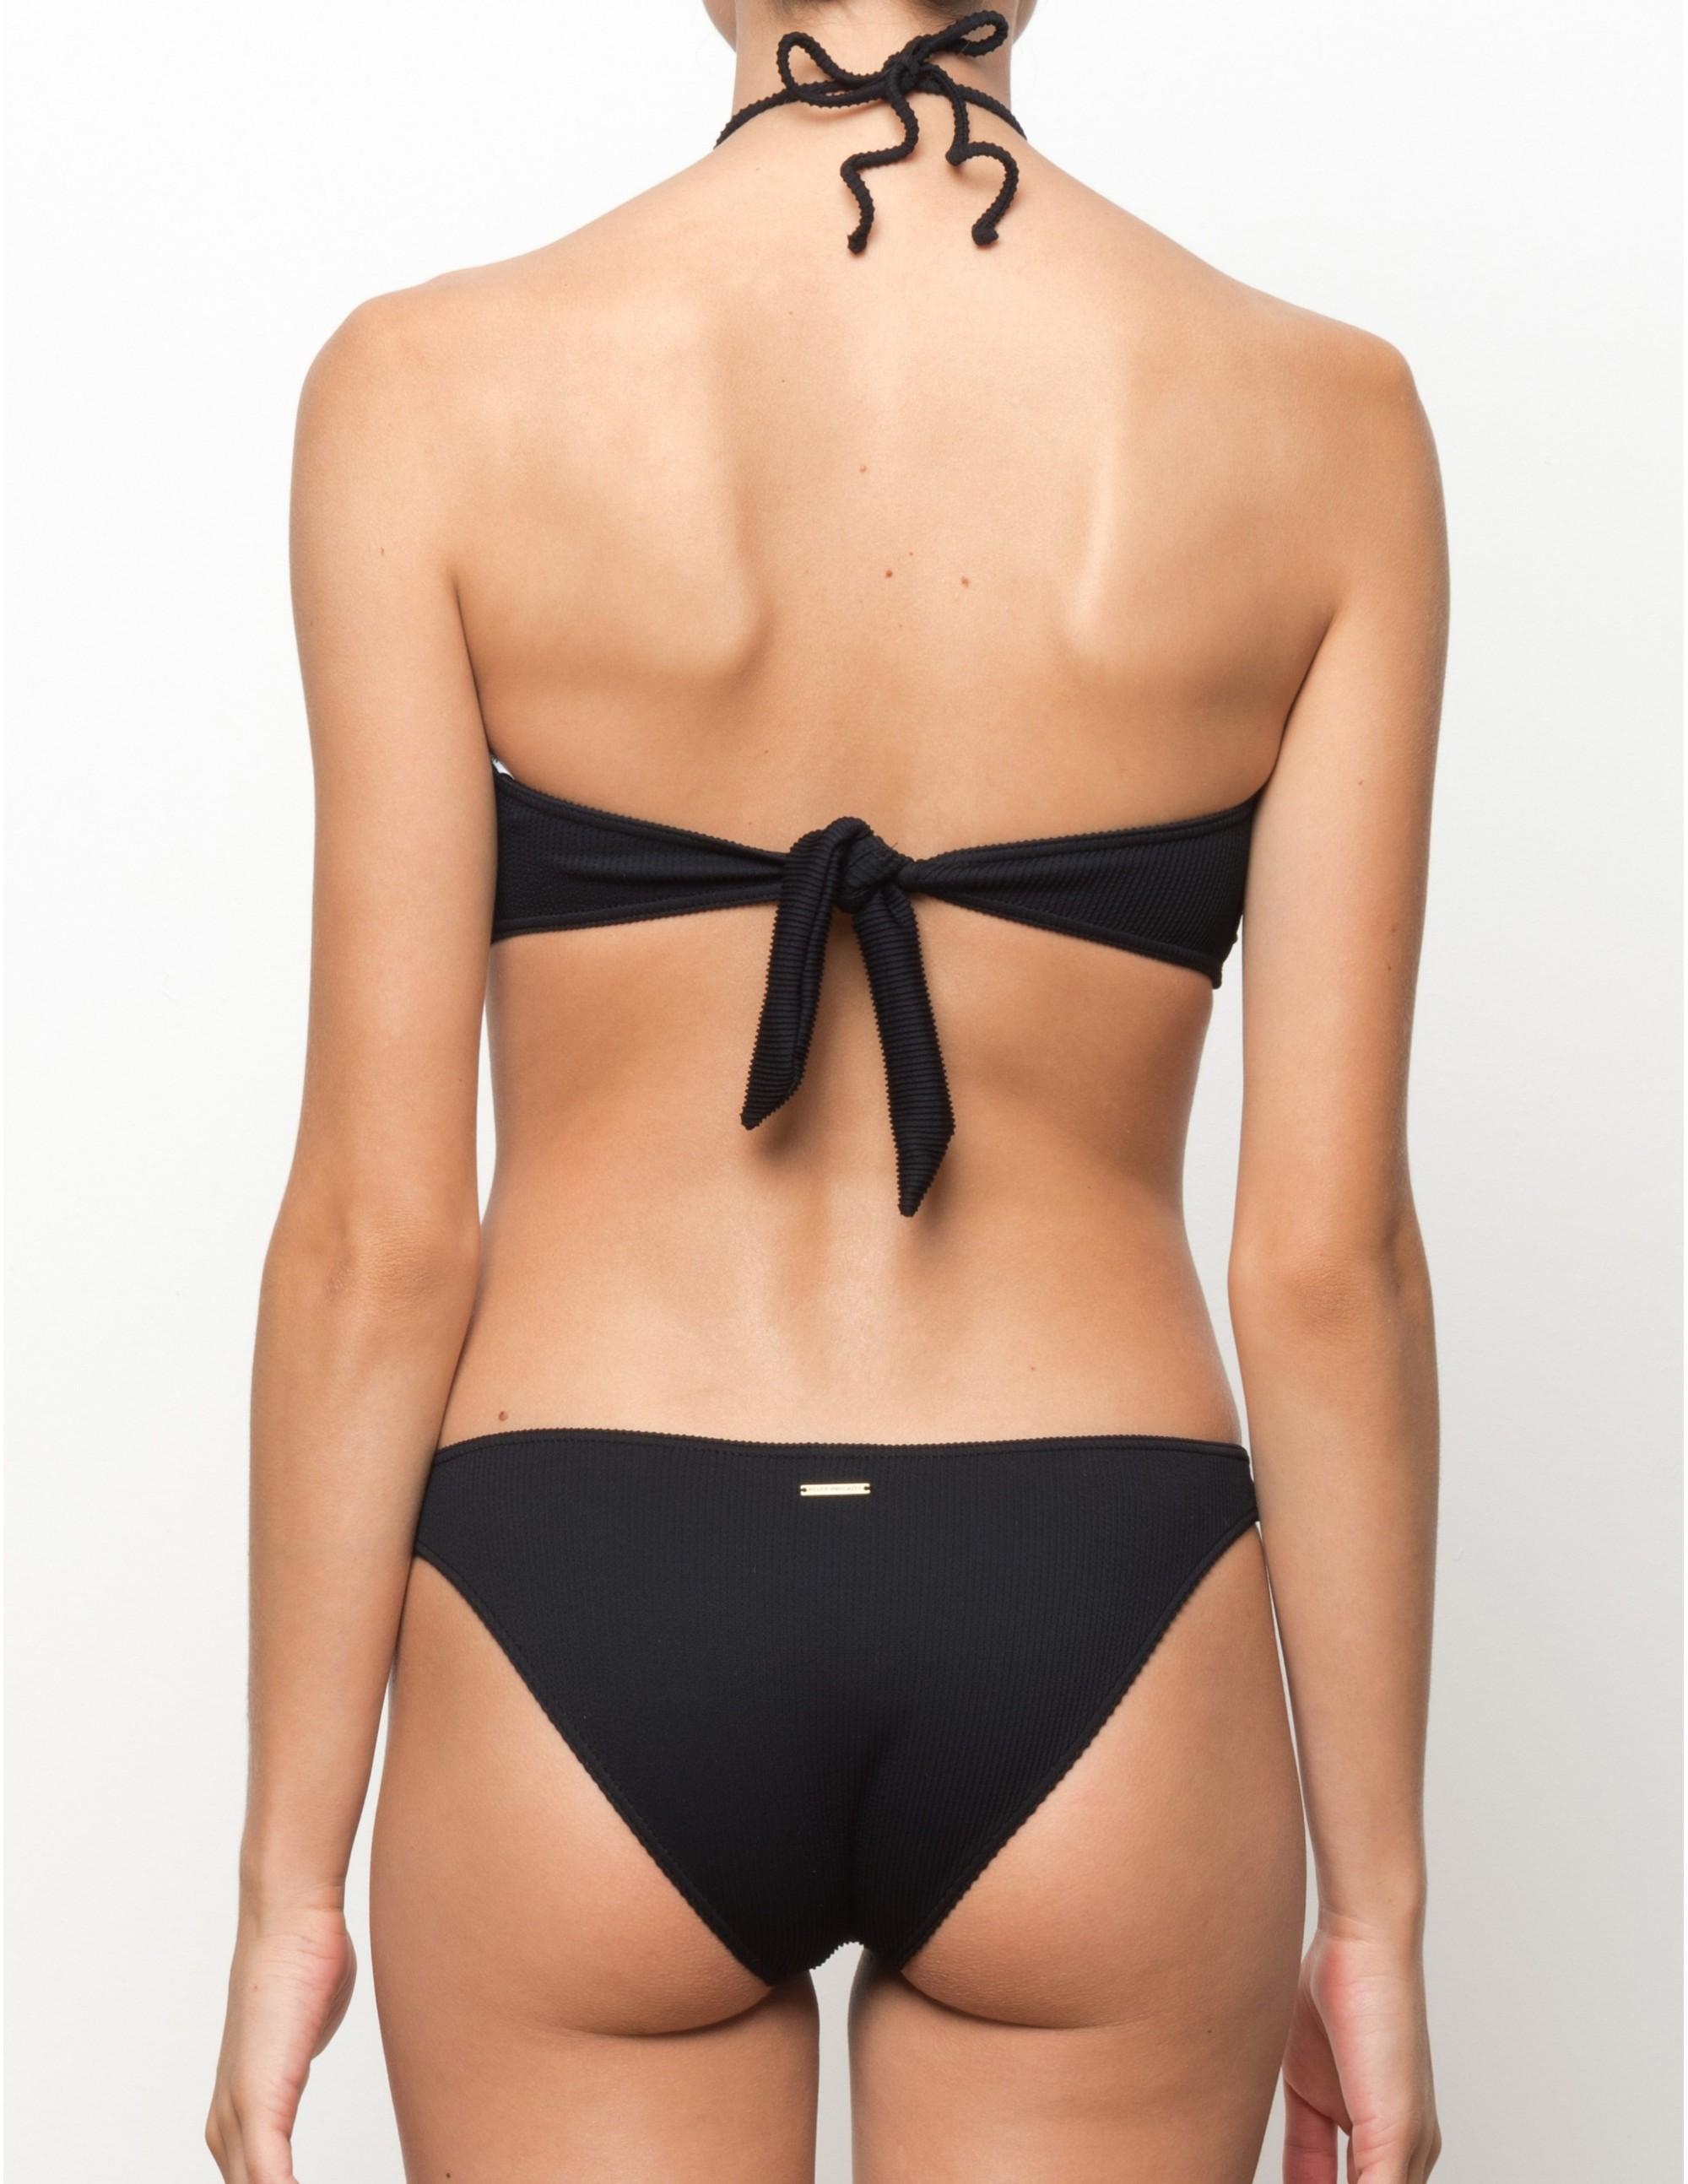 VUMA bikini top - PANTHER